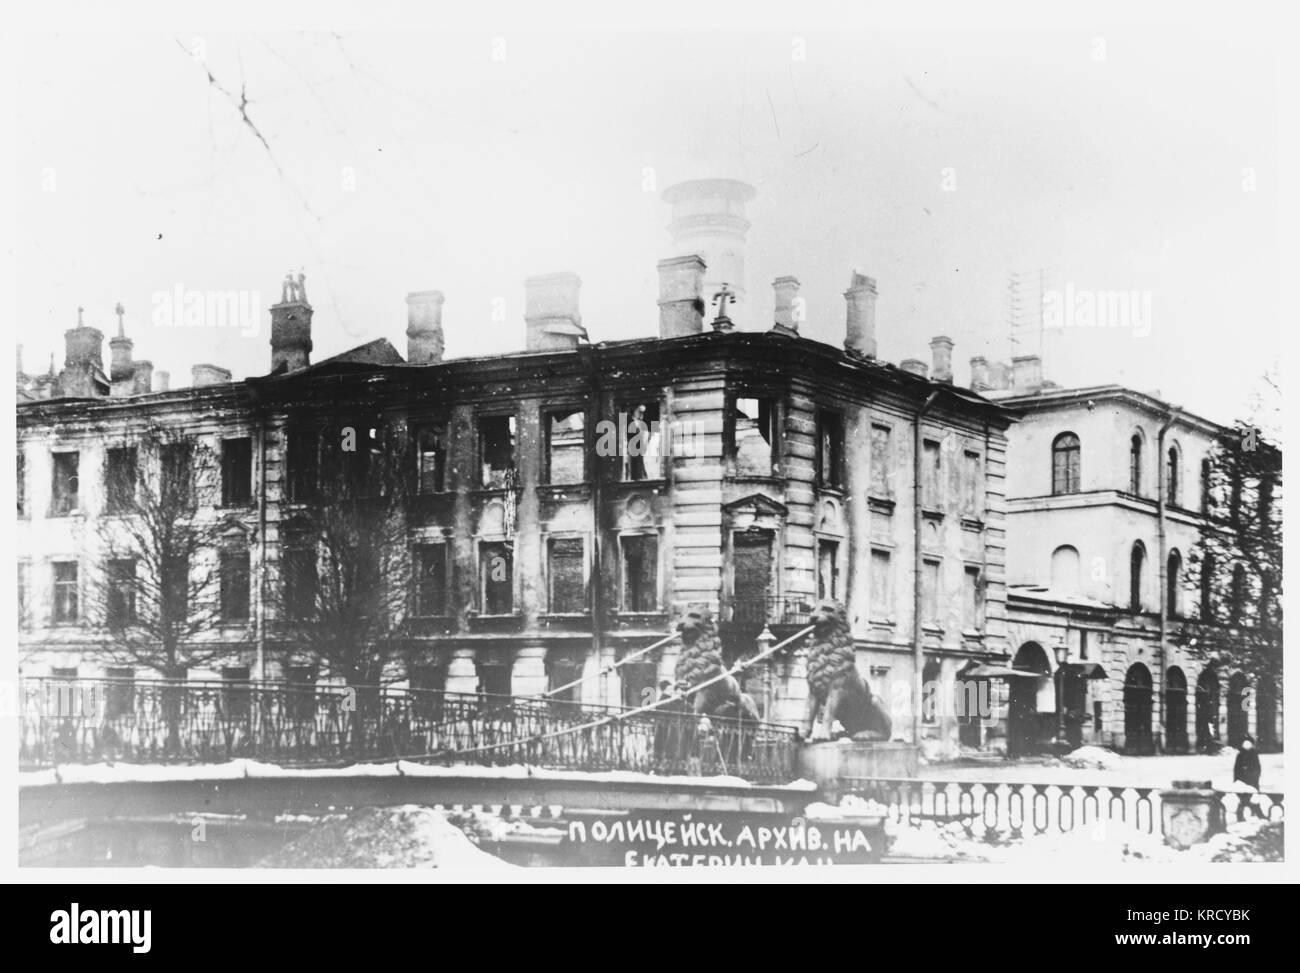 La policía Archive en Petrogrado es asaltada por insurgentes que destruir los registros y el fuego al edificio. Imagen De Stock